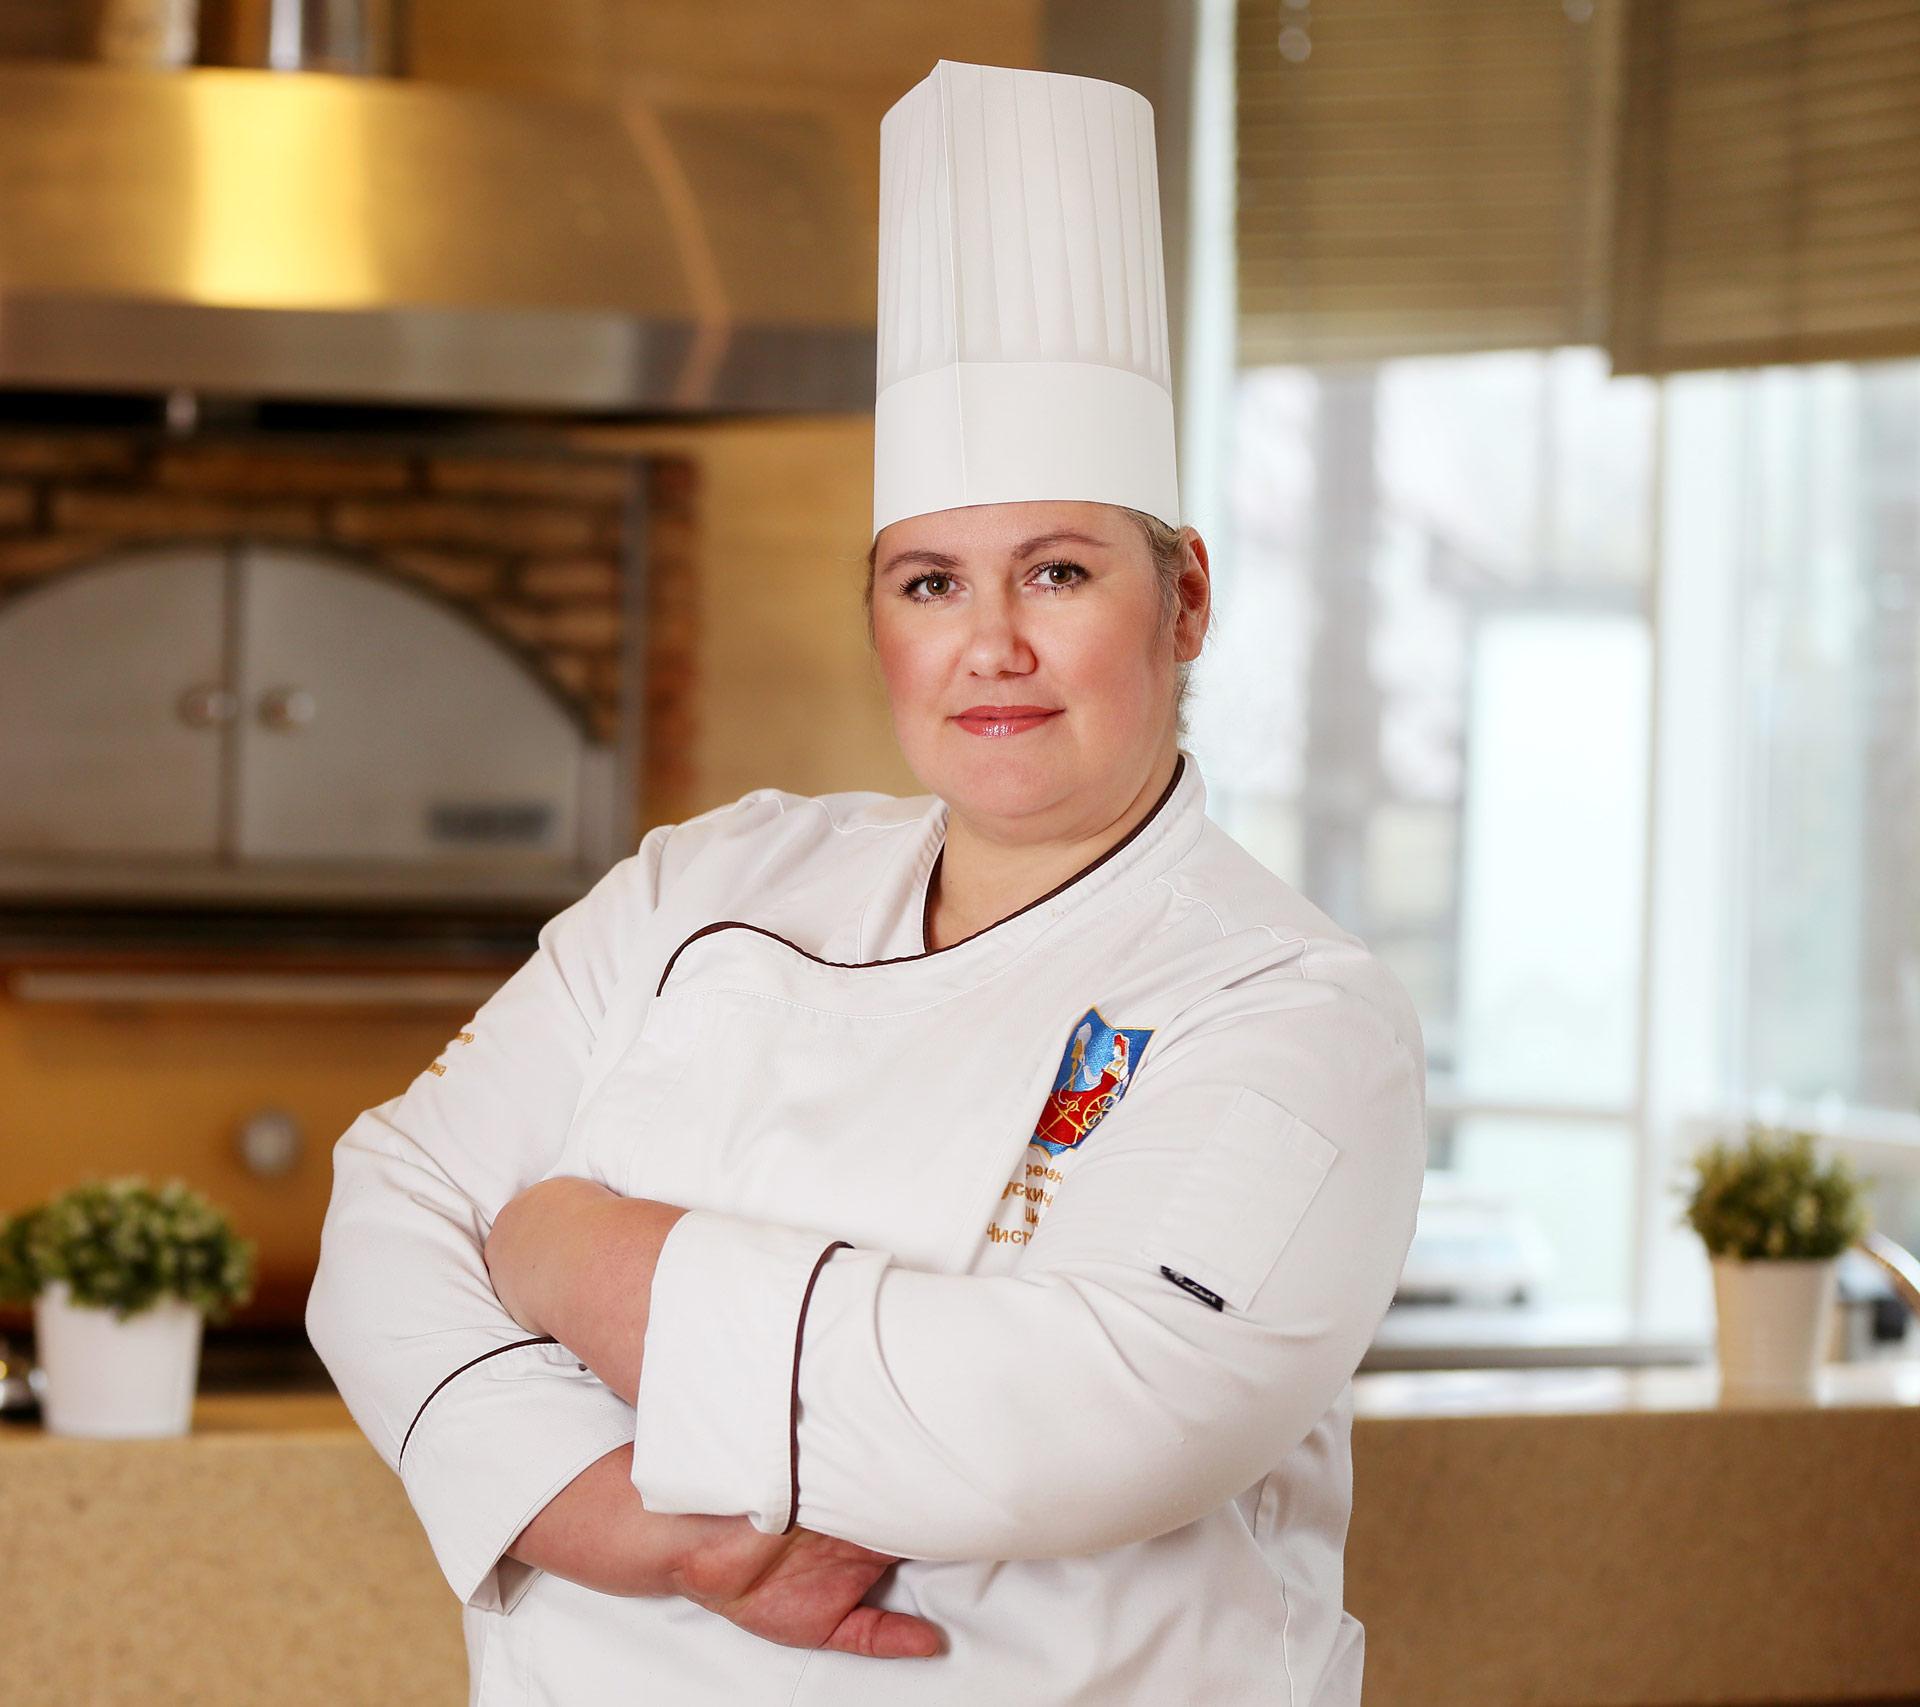 chef_chef